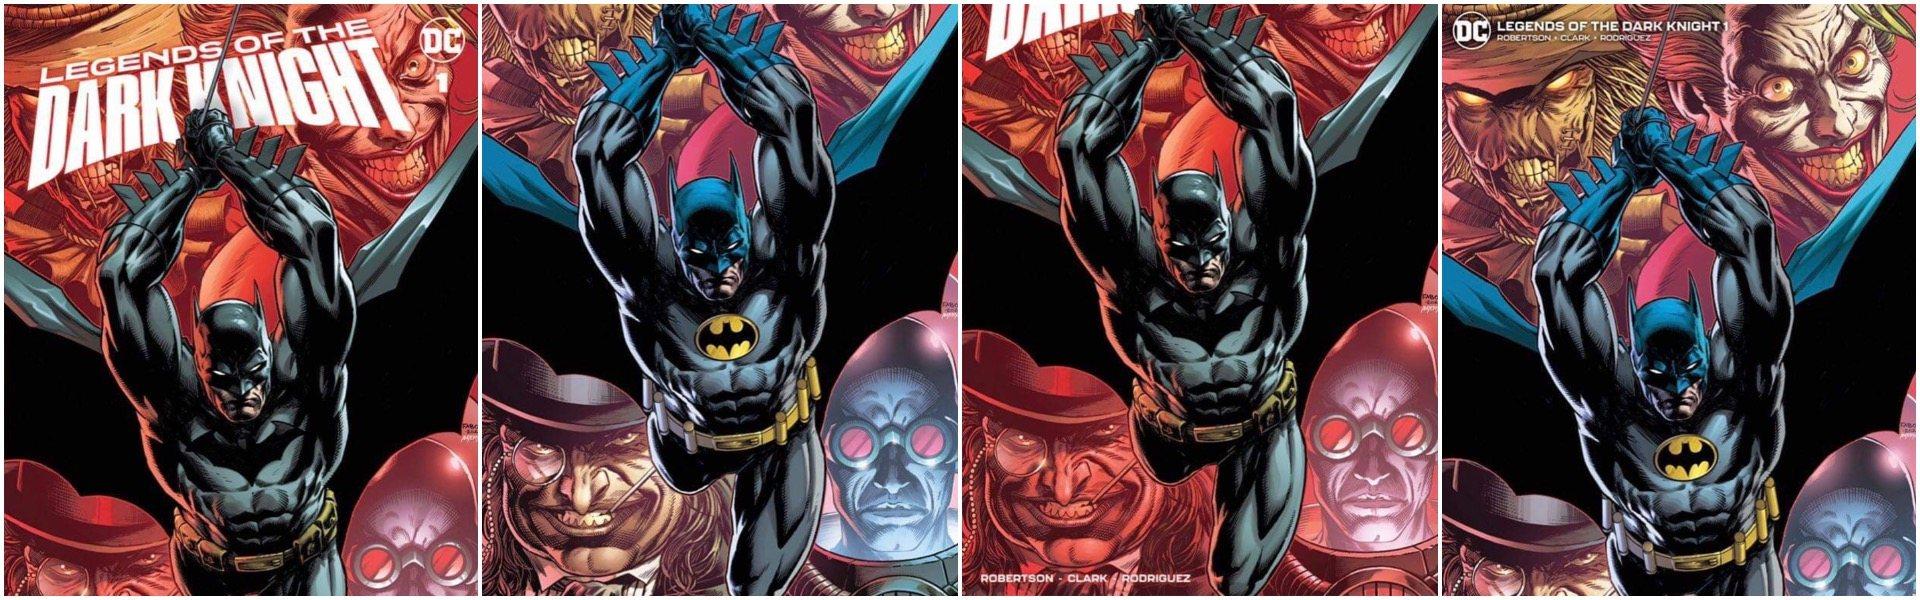 Legends of the Dark Knight #1 Jason Fabok Variants